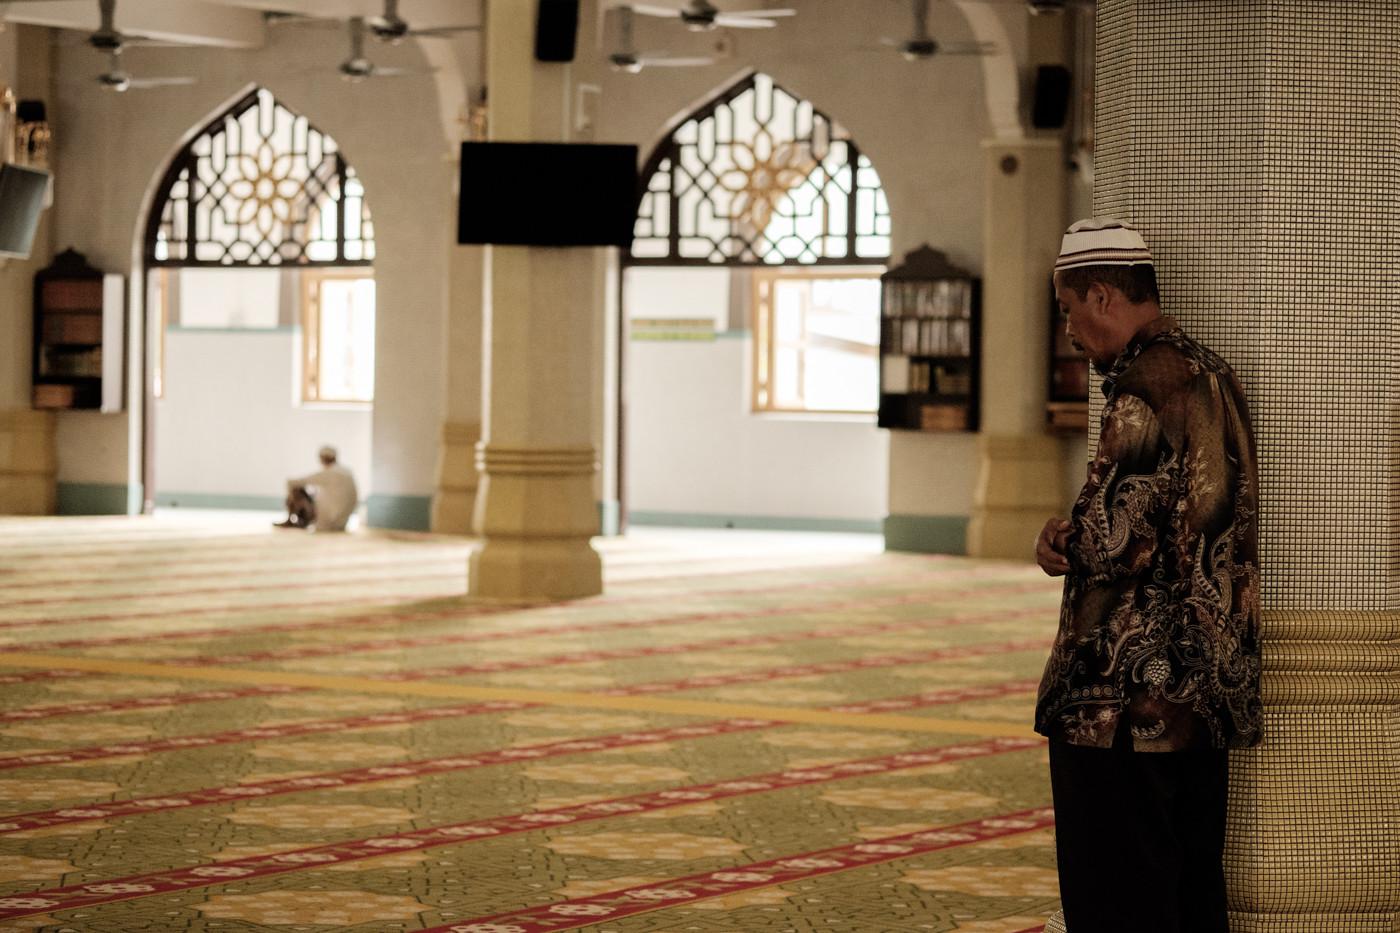 xf60mm f2.4 r macroの作例 レビュー ポートレート シンガポール モスク